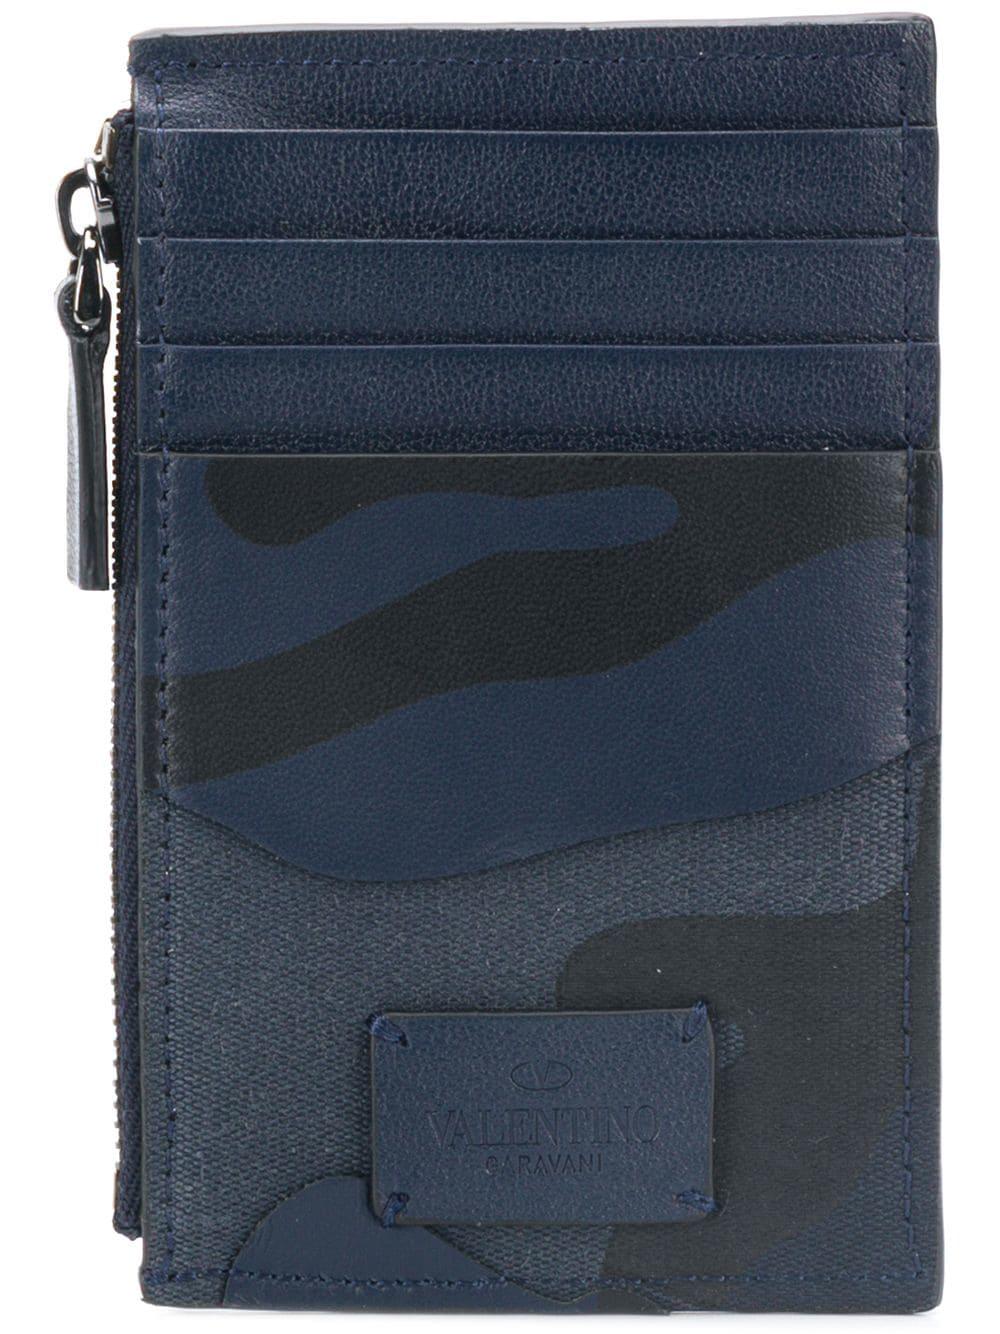 eab875f14d Valentino Garavani Camouflage Coin Purse - Blue | ModeSens